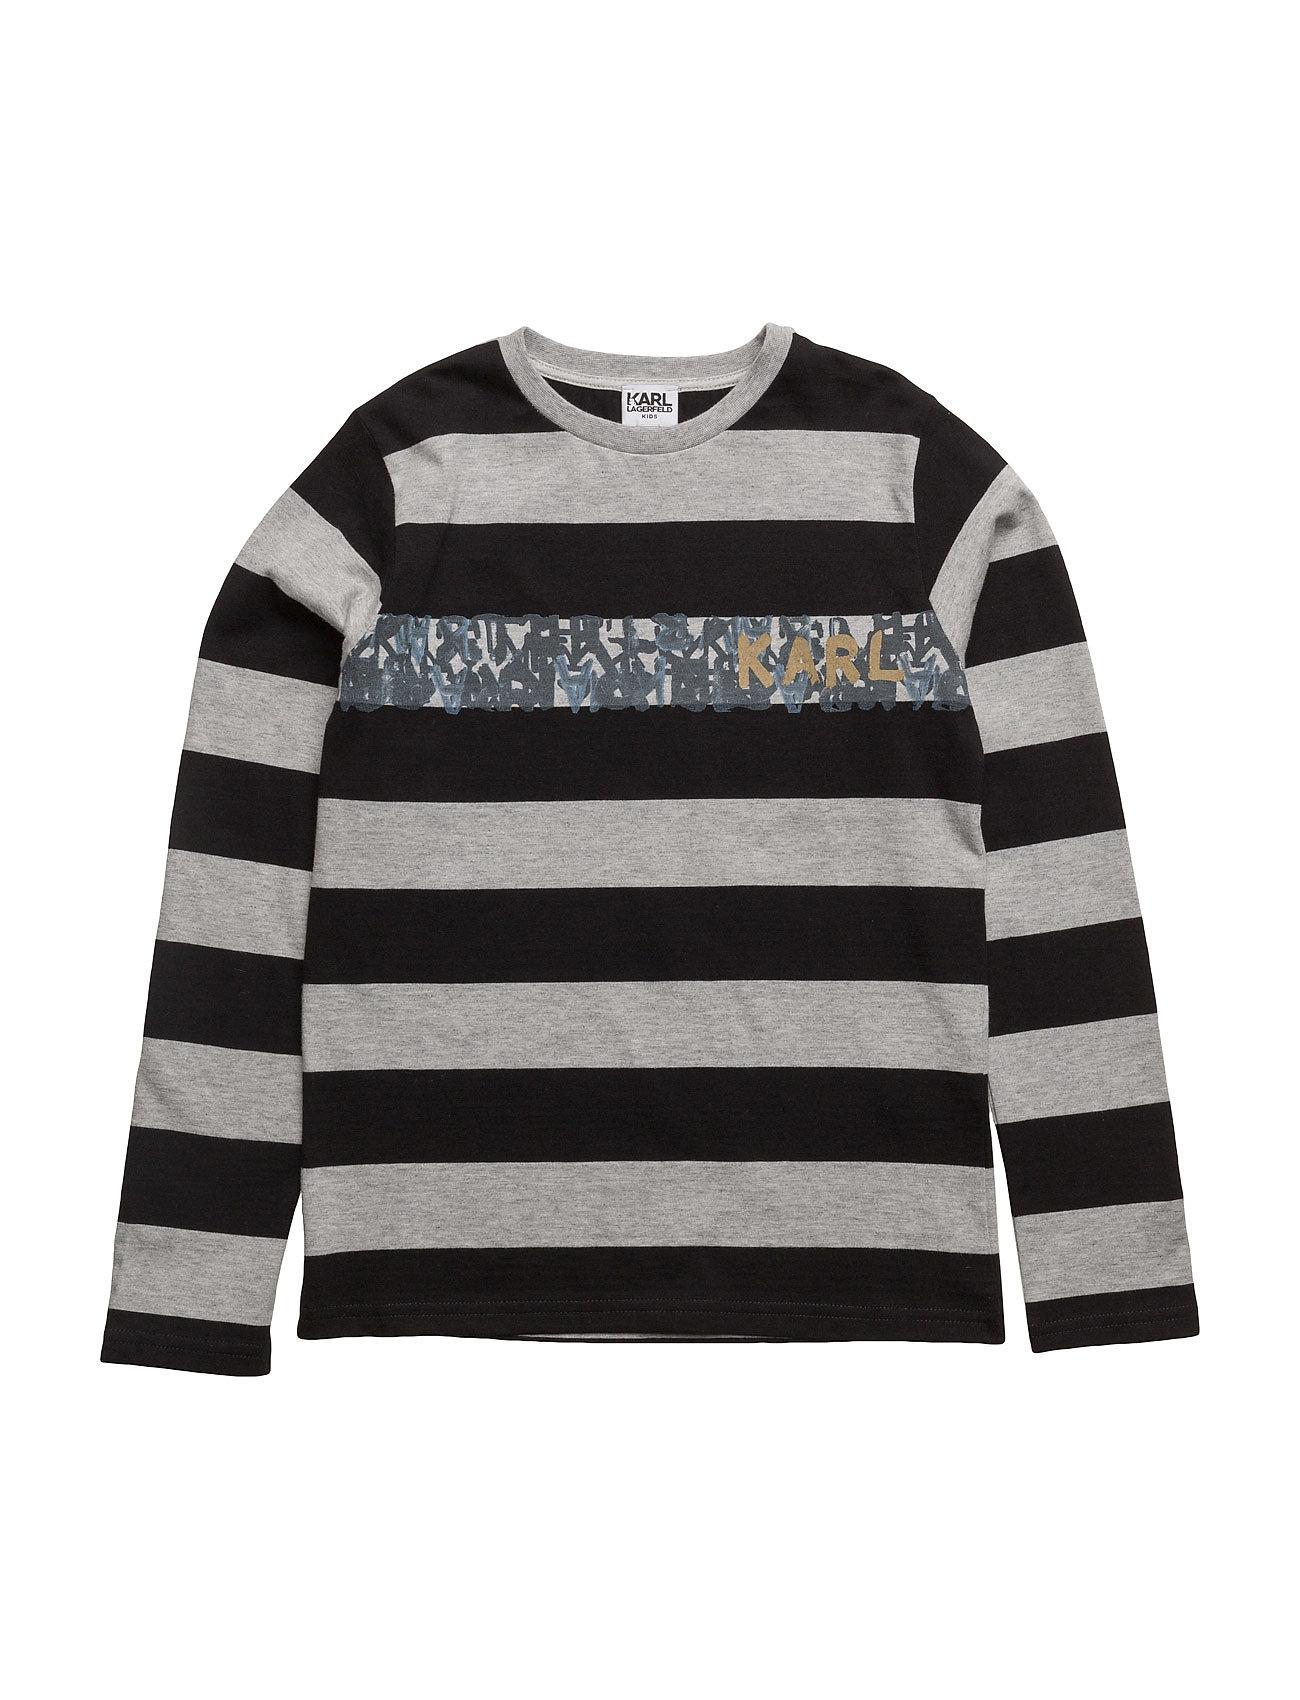 T-Shirt Karl Lagerfeld Langærmede t-shirts til Børn i